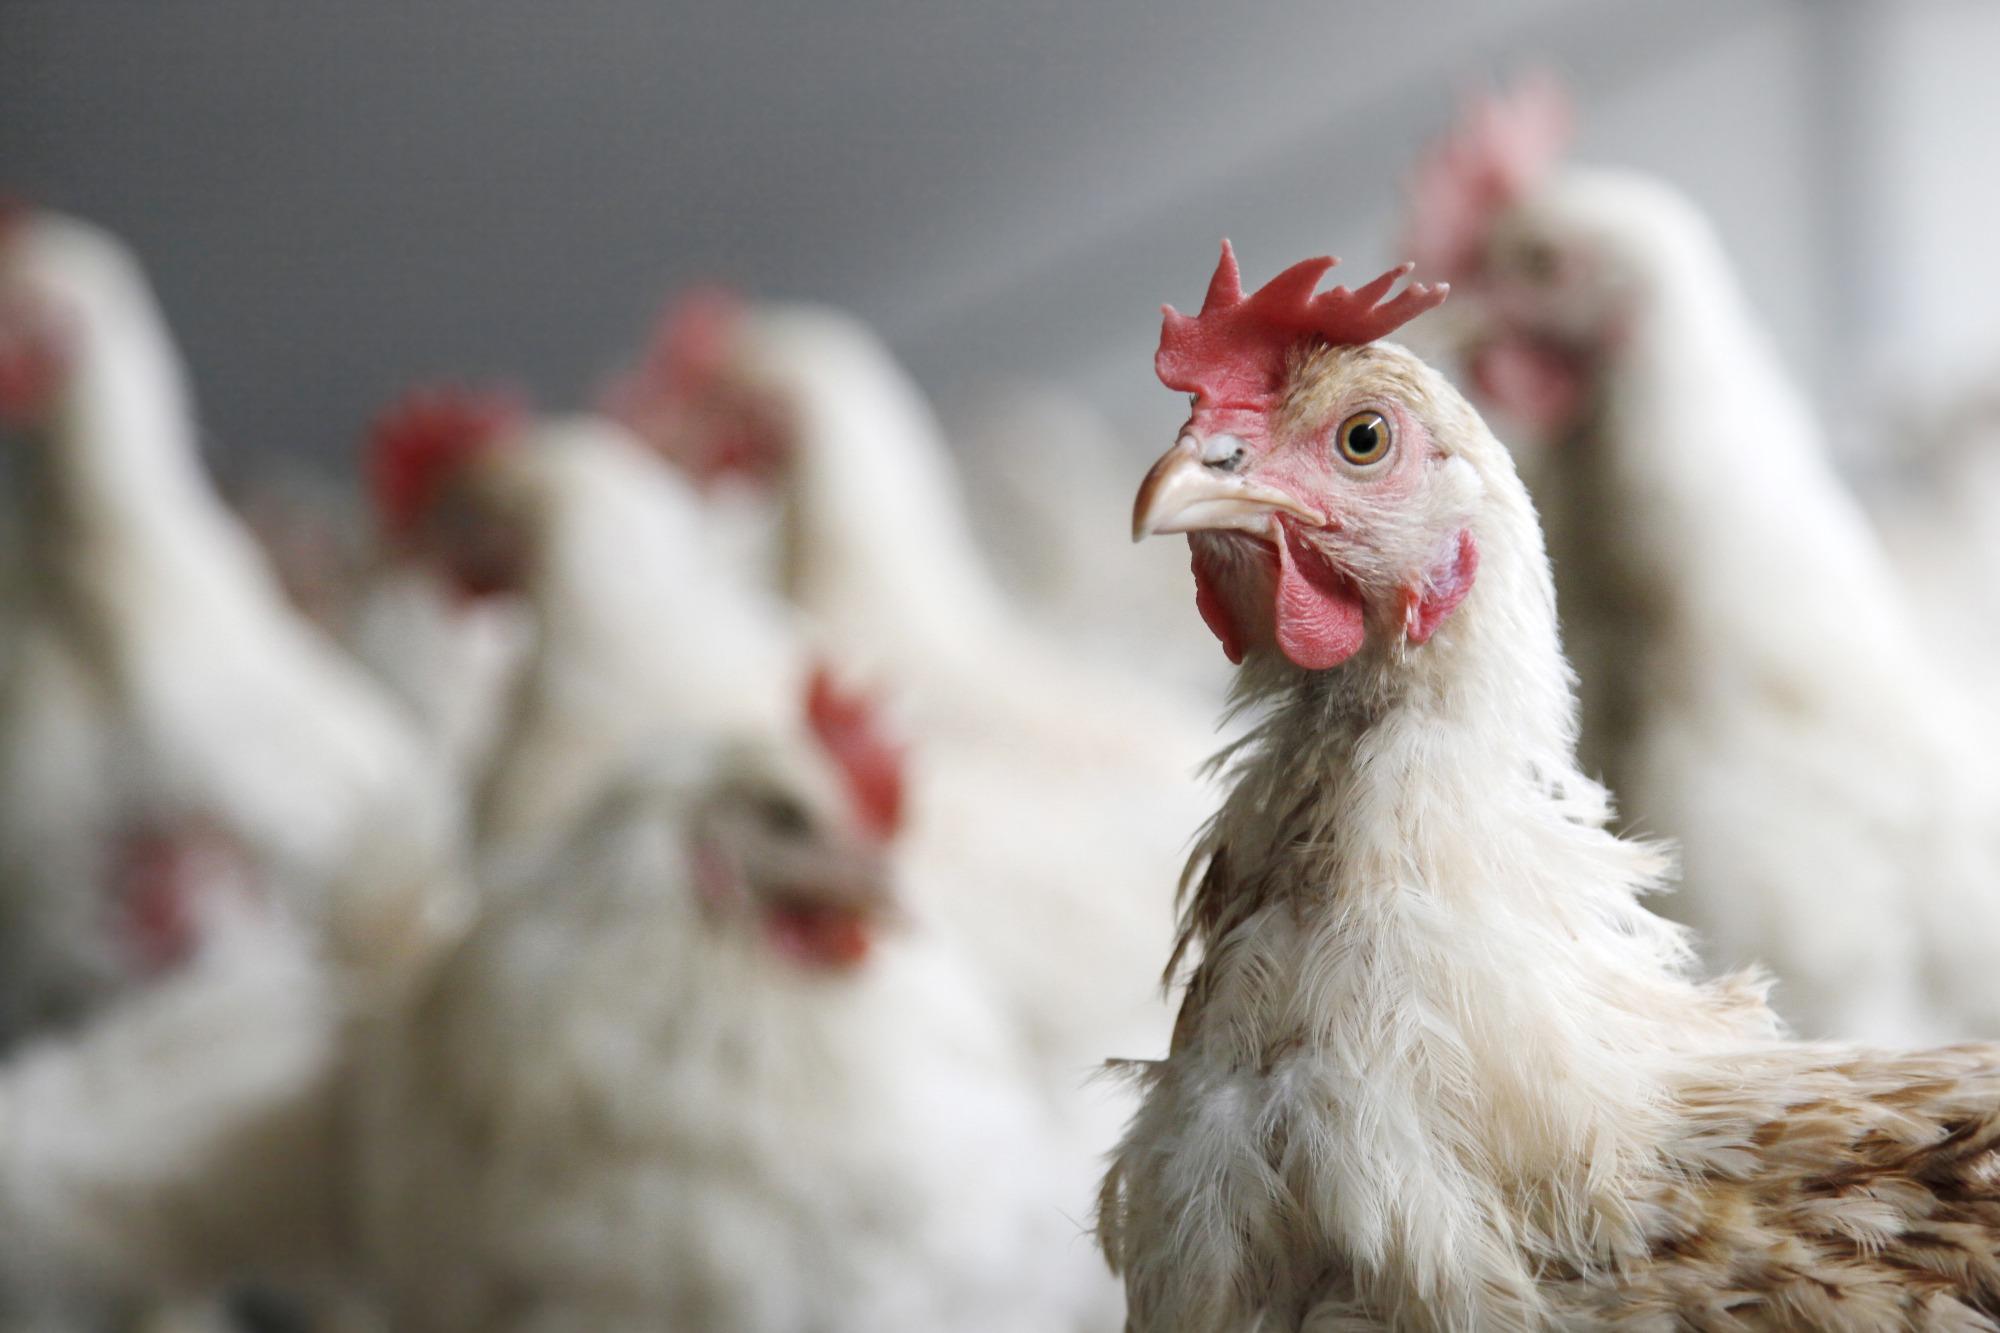 Custo de produção avícola se mantém abaixo da inflação em 2016, aponta Cepea